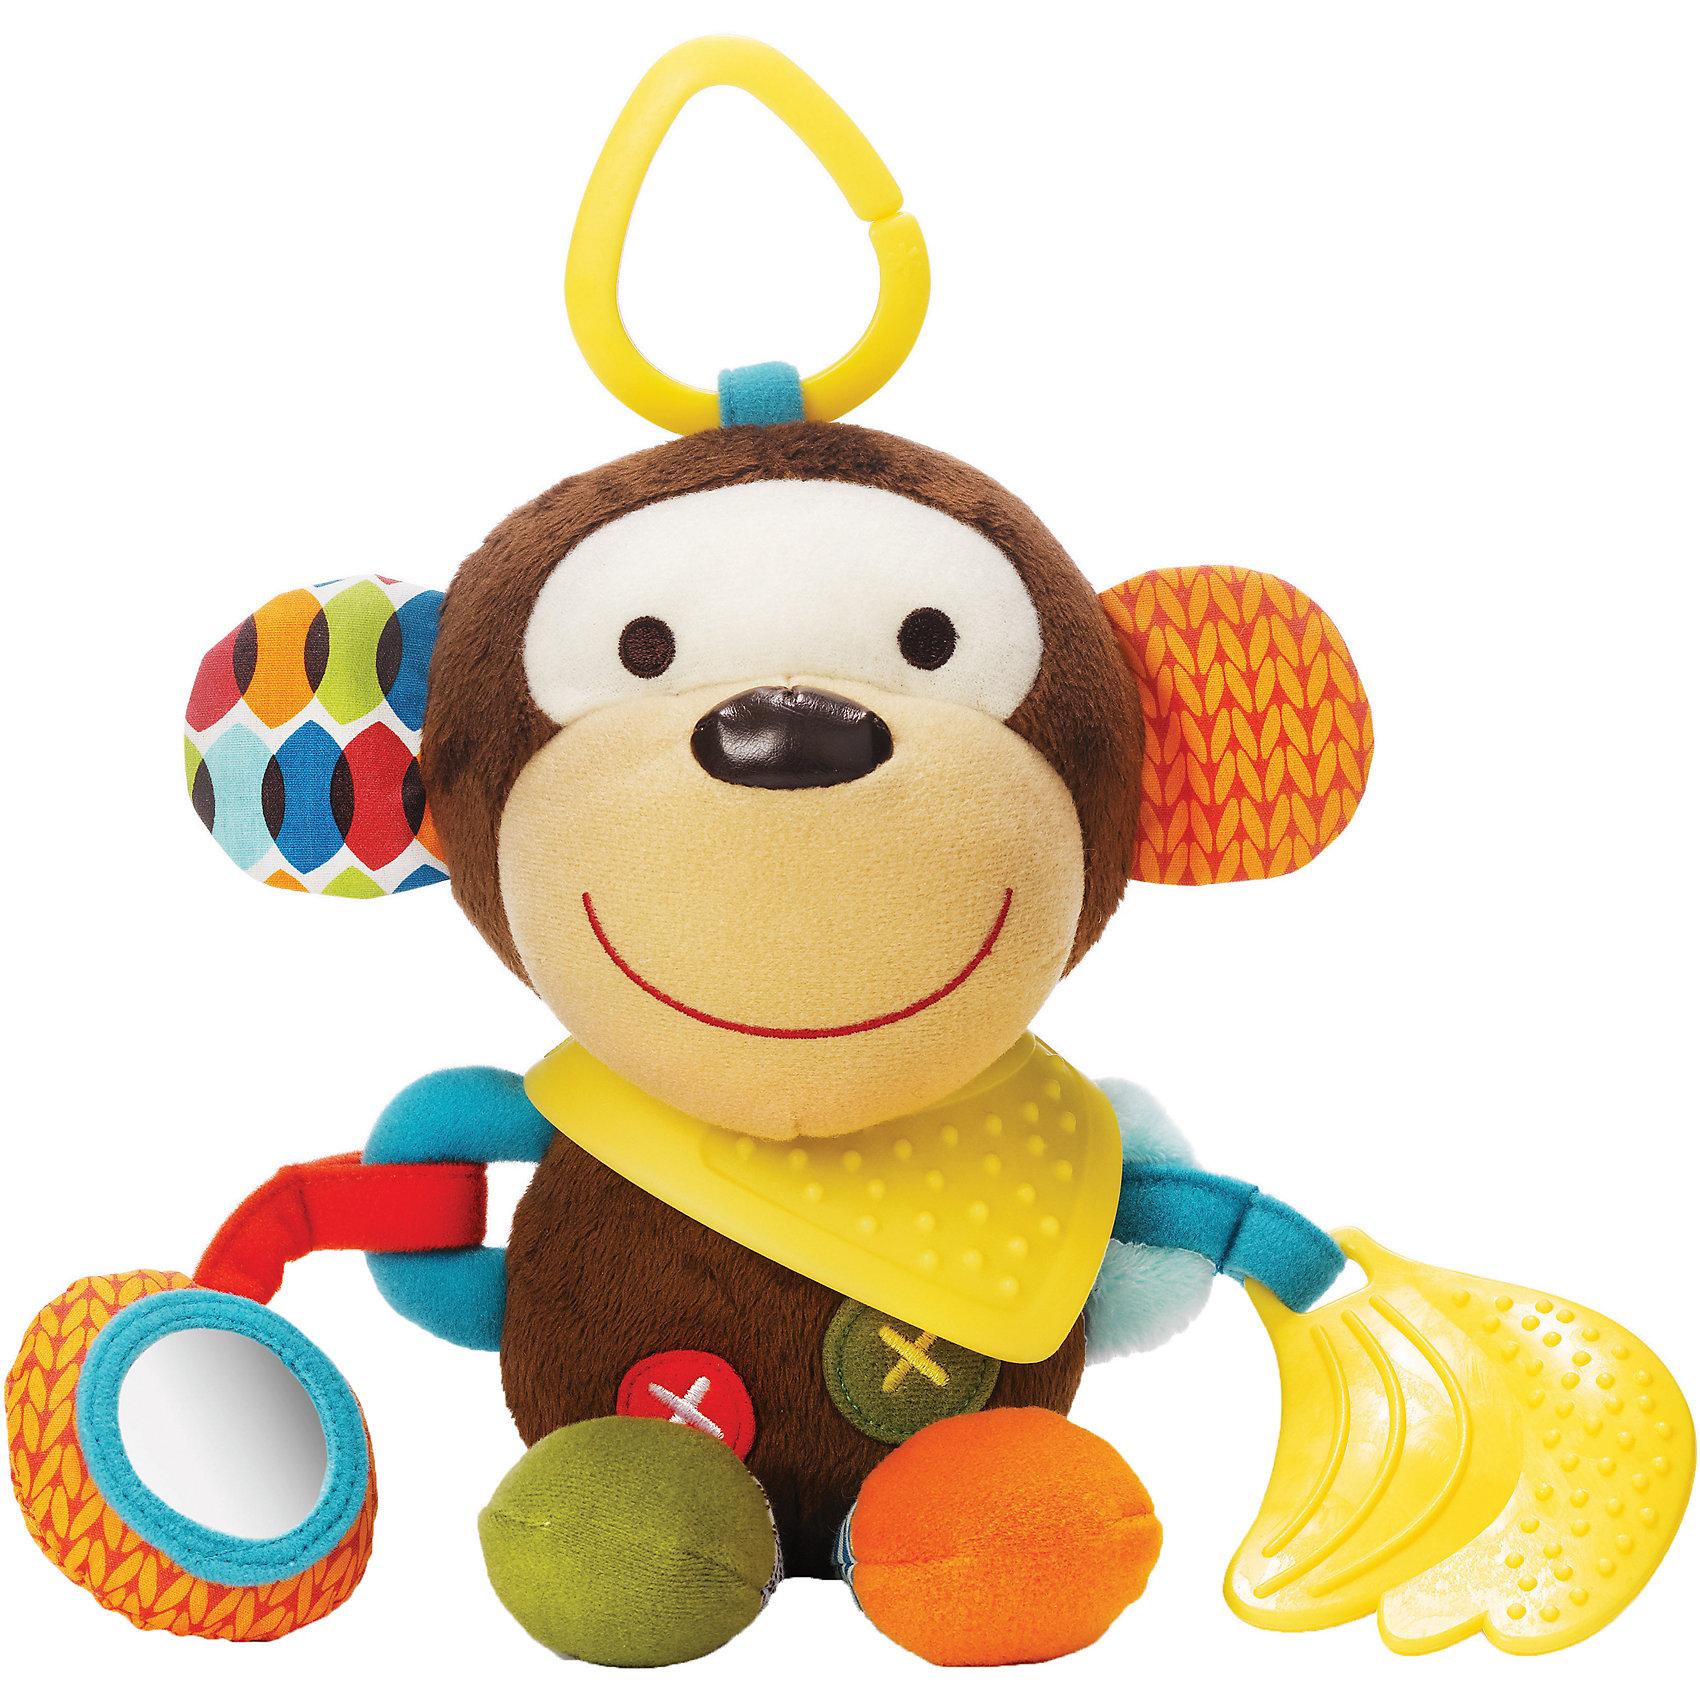 Развивающая игрушка-подвеска Обезьяна, Skip HopПодвески<br>Развивающая игрушка-подвеска Обезьяна, Skip Hop<br><br>Характеристики:<br><br>• В набор входит: игрушка<br>• Состав: текстиль, каучук<br>• Размер: 13 * 7,5 * 25,5 см.<br>• Для детей в возрасте: от 6 месяцев<br>• Страна производитель: Китай<br><br>Наполненные новыми разными ощущениями текстур и звуков, маленькие ручки будут заняты изучением изгибов и шуршаний благодаря этой озорной обезьянке. Игрушка оснащена прорезиненными деталями для прорезывания зубов, безопасным зеркальцем, шуршащими элементами и подвеской для крепления на коляску и кроватку. Игрушка изготовлена по современным технологиям и исключает добавление вредных для малышей компонентов. <br><br>Благодаря удобному размеру игрушку легко хватать ручками и с ней приятно играть даже самым маленьким. Игрушка сочетает в себе сразу несколько цветов, чтобы привлечь внимание малыша и научить его разным оттенкам. Играя с этой игрушкой малыш сможет развивать логическое мышление, звуковое, зрительное и тактильное восприятие, а также моторику рук. <br><br>Развивающая игрушка-подвеска Обезьяна, Skip Hop можно купить в нашем интернет-магазине.<br><br>Ширина мм: 193<br>Глубина мм: 180<br>Высота мм: 116<br>Вес г: 141<br>Цвет: mehrfarbig<br>Возраст от месяцев: 1<br>Возраст до месяцев: 36<br>Пол: Унисекс<br>Возраст: Детский<br>SKU: 3971281